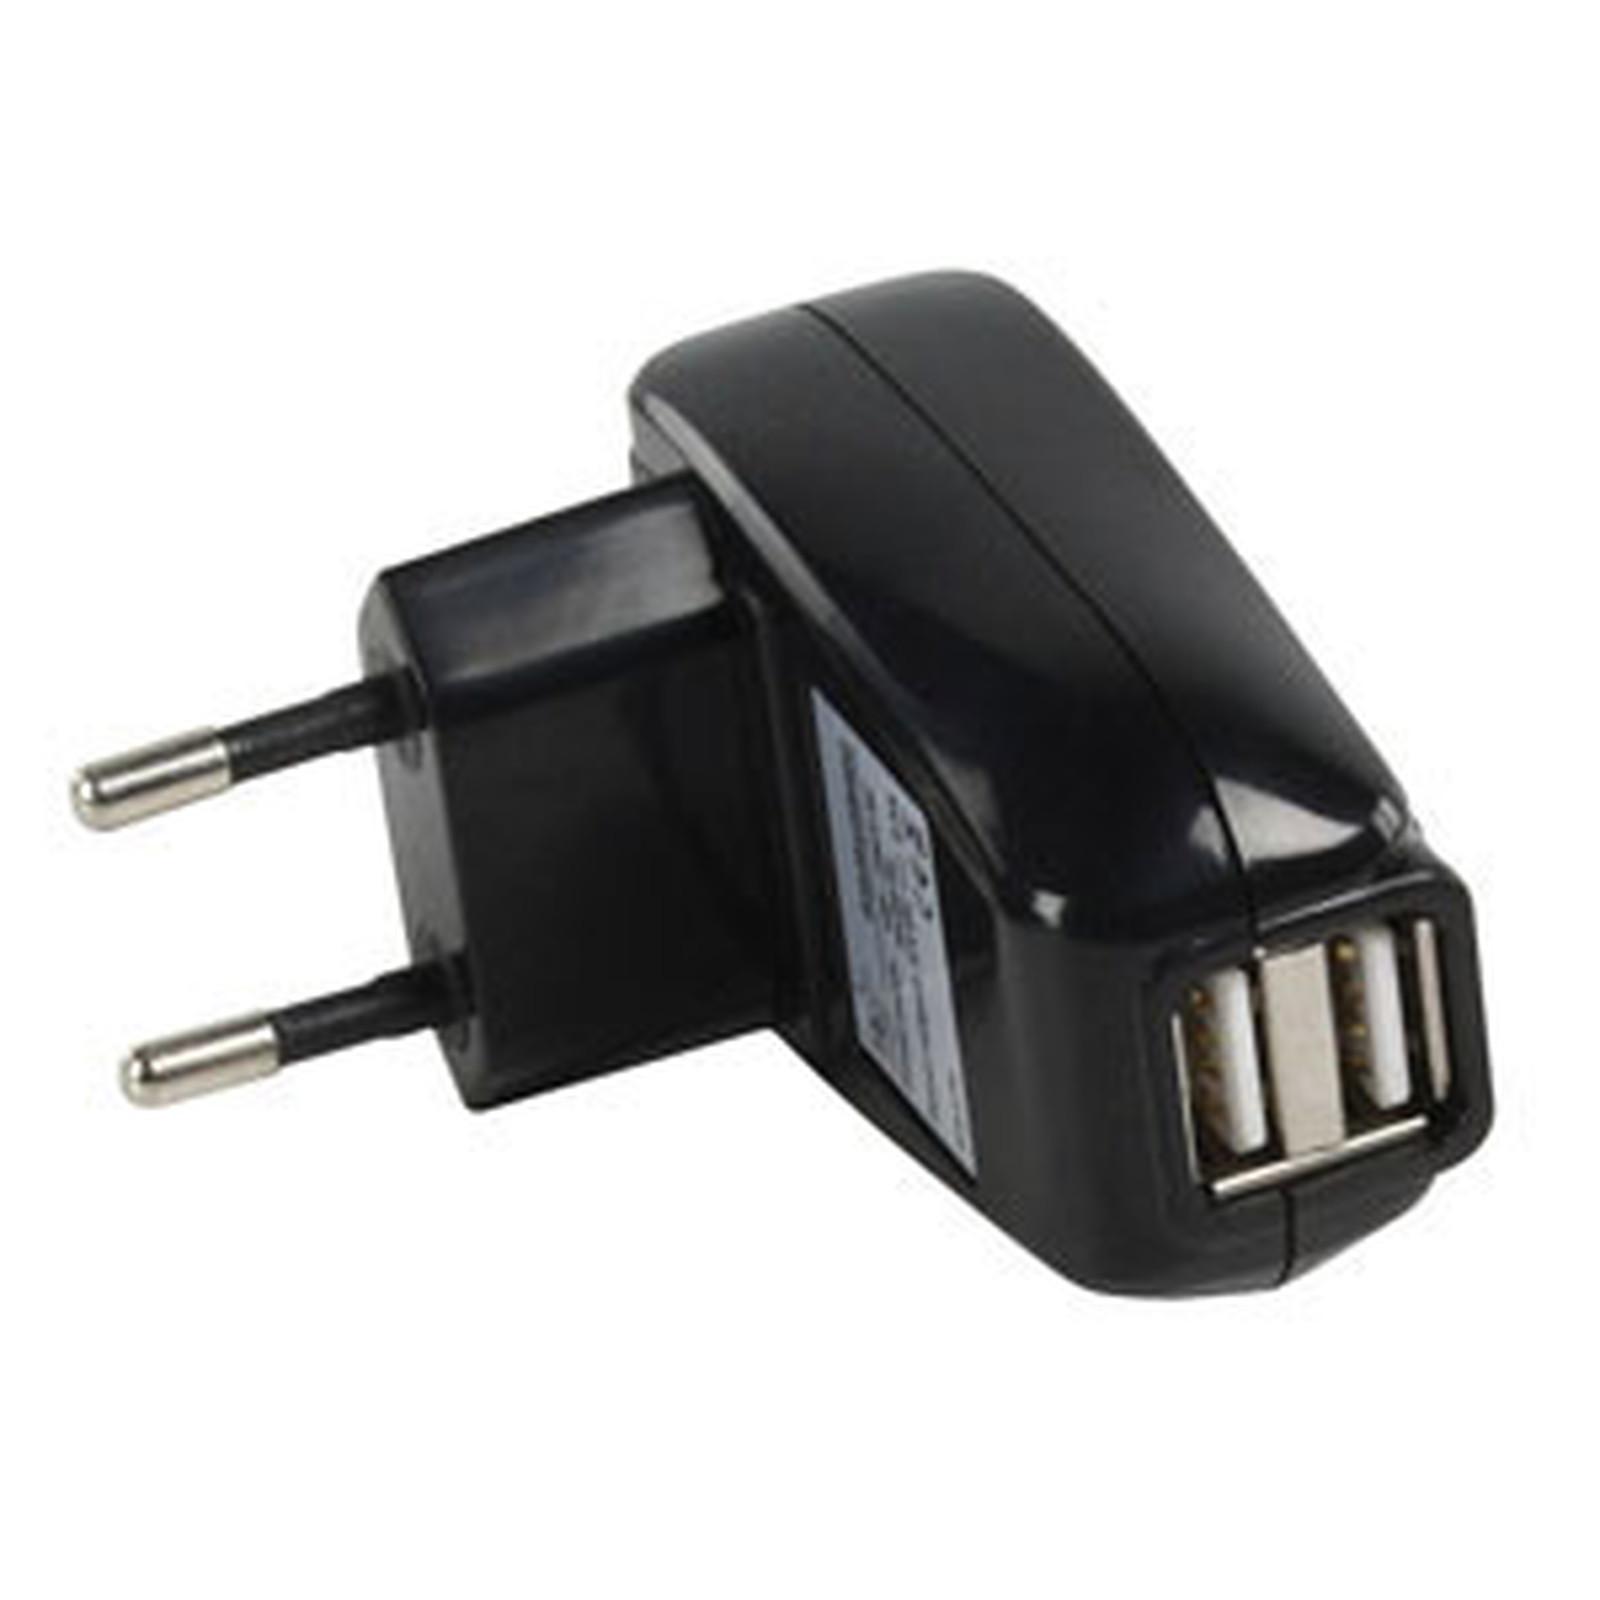 Chargeur double USB (2 A) sur prise secteur